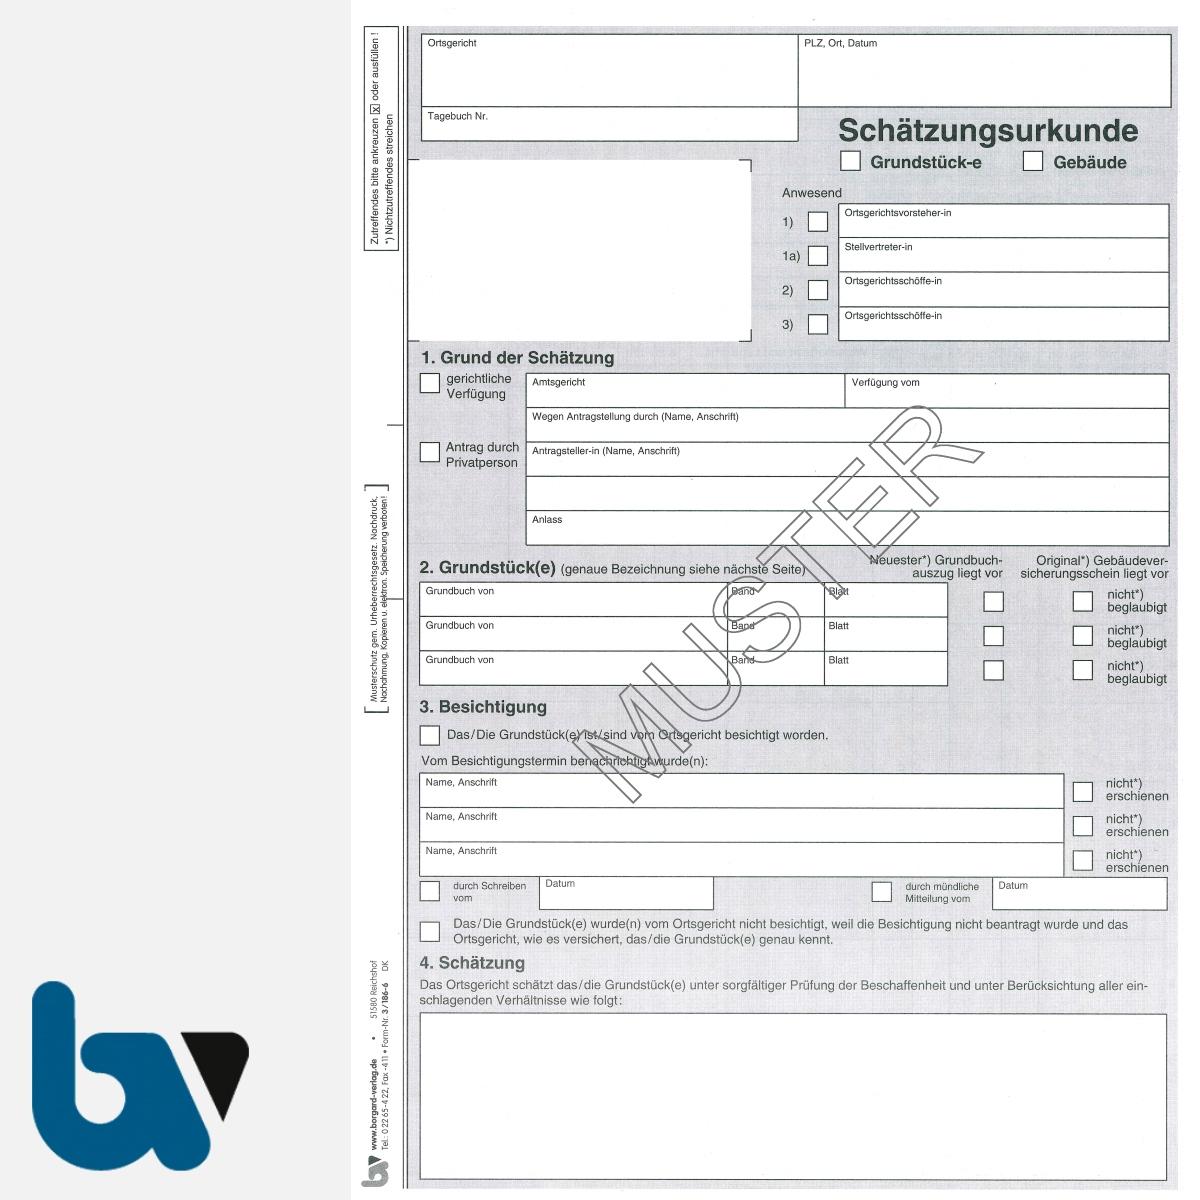 3/186-6 Schätzungsurkunde Ortsgericht Hessen Grundstück Gebäude mit Durchschrift Kopie DIN A4 Seite 1 | Borgard Verlag GmbH